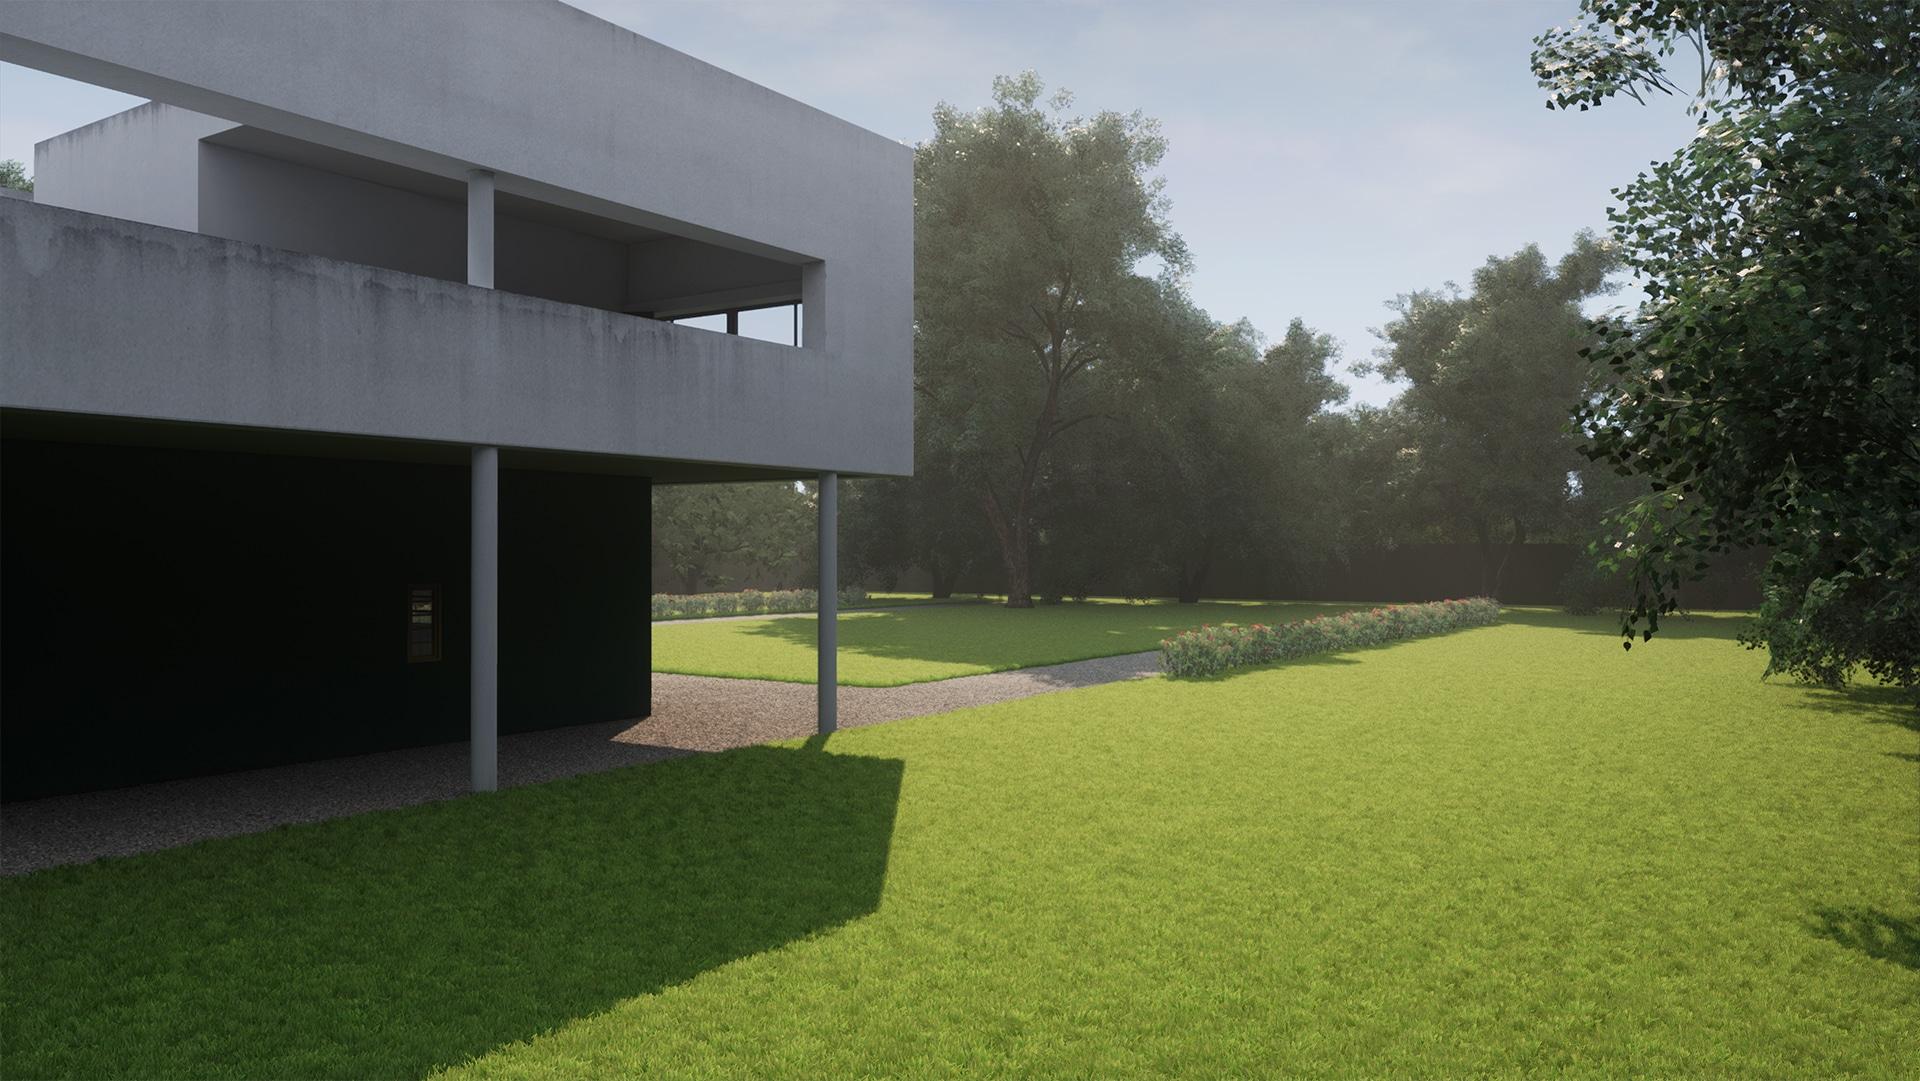 Villa Savoye - UE4Arch